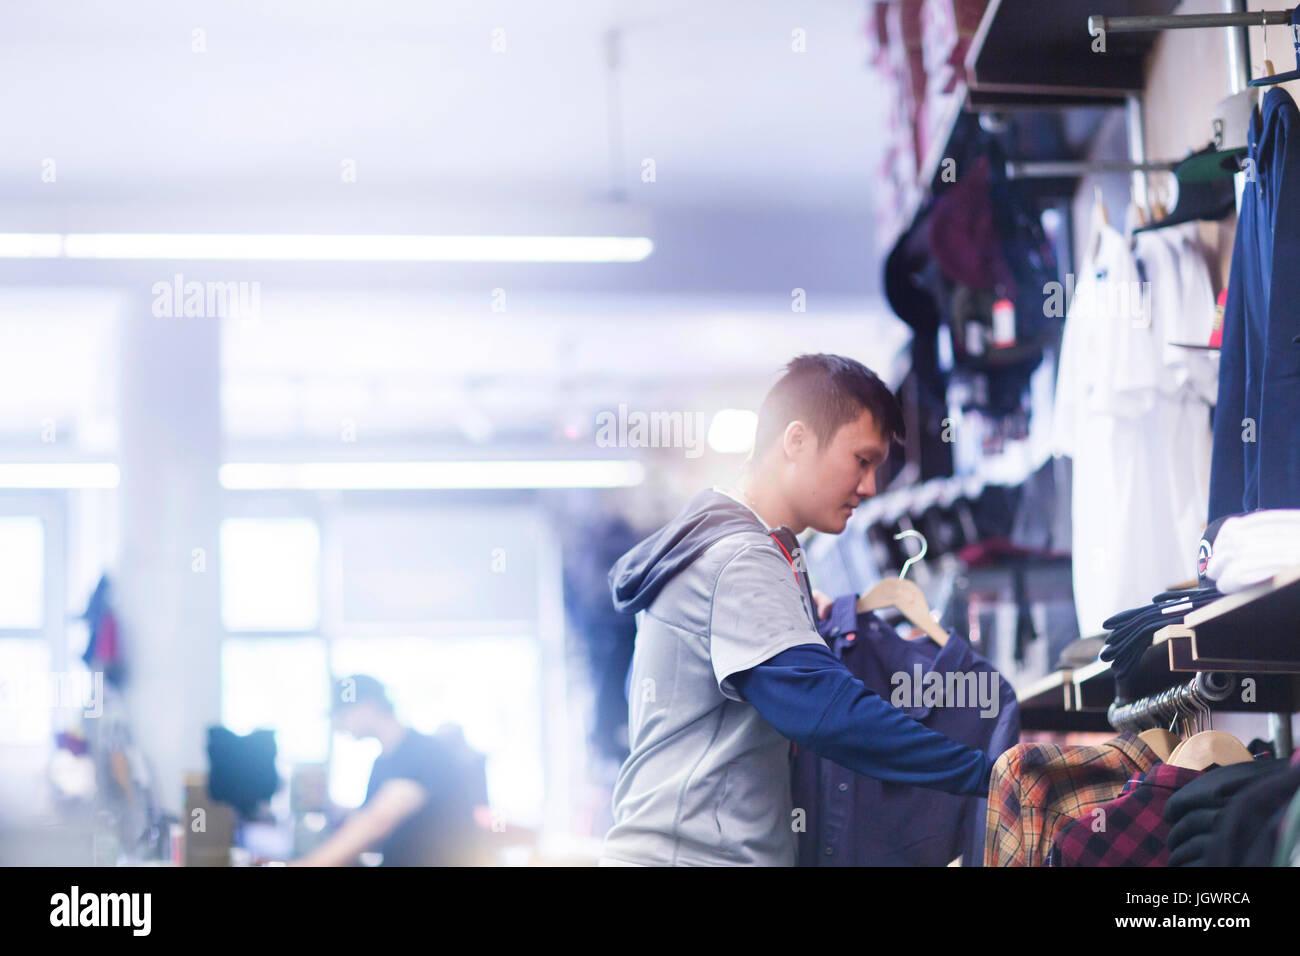 Macho joven skateboarder mirando camiseta de skate shop Imagen De Stock